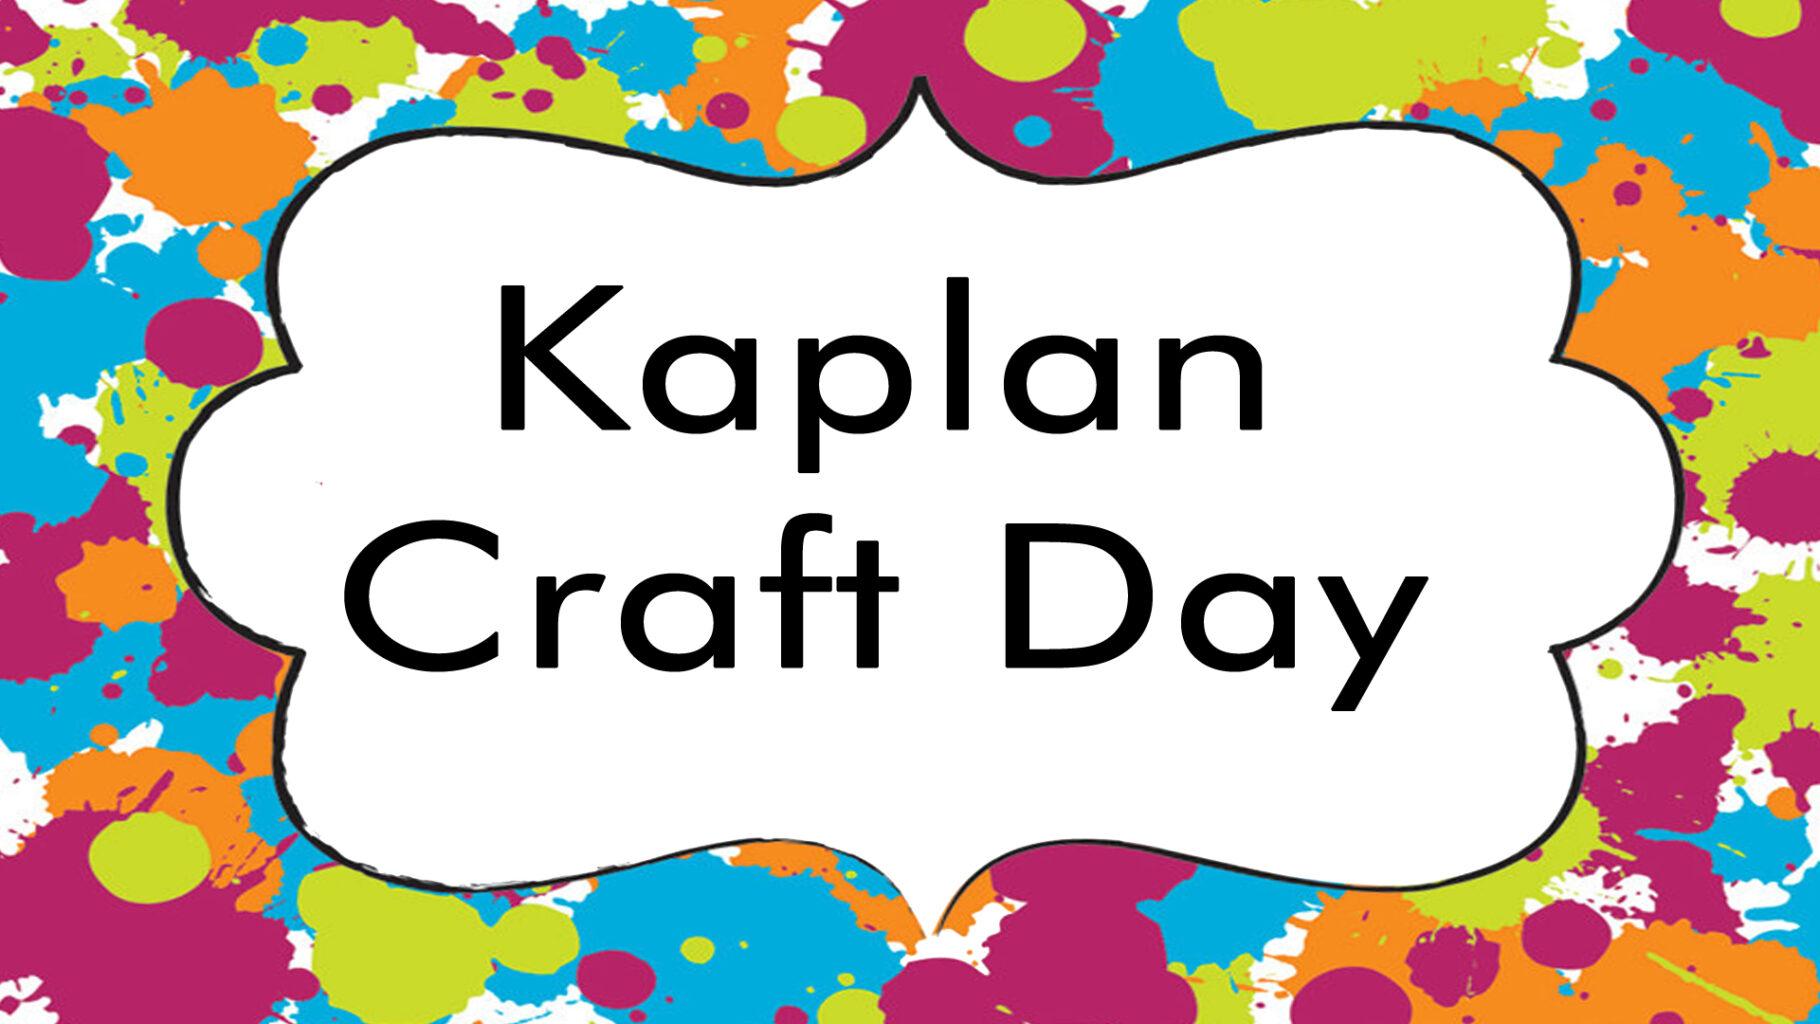 Kaplan Branch Activities